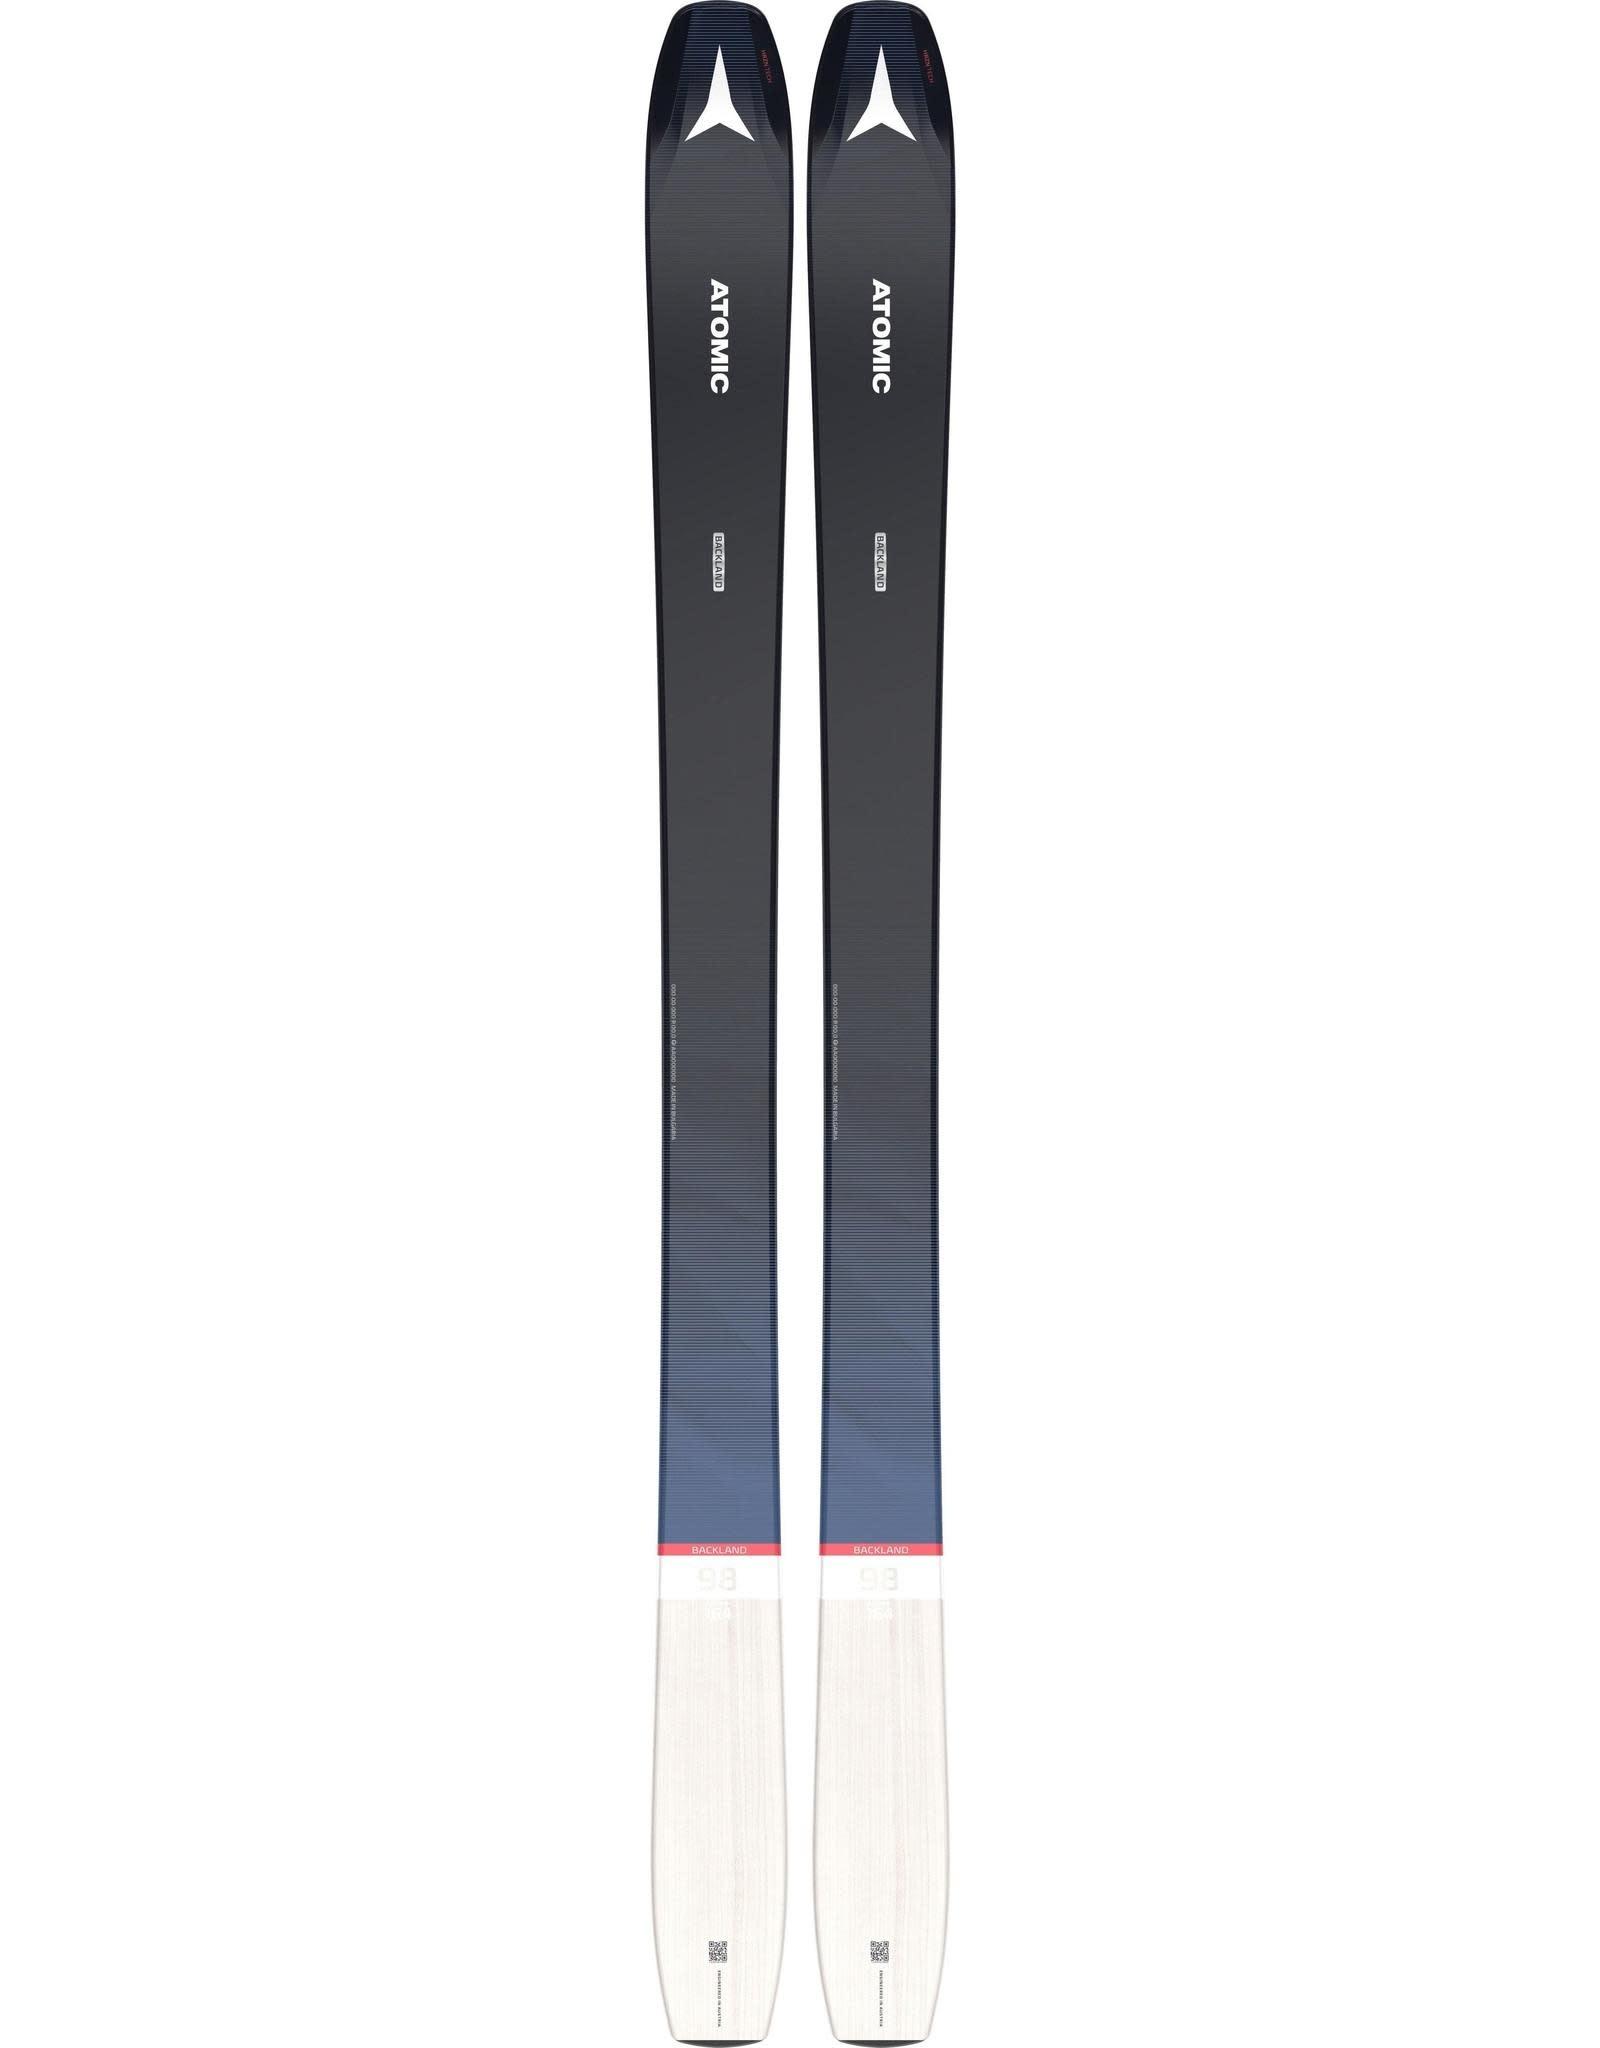 ATOMIC ATOMIC Skis BACKLAND 98 W (21/22)